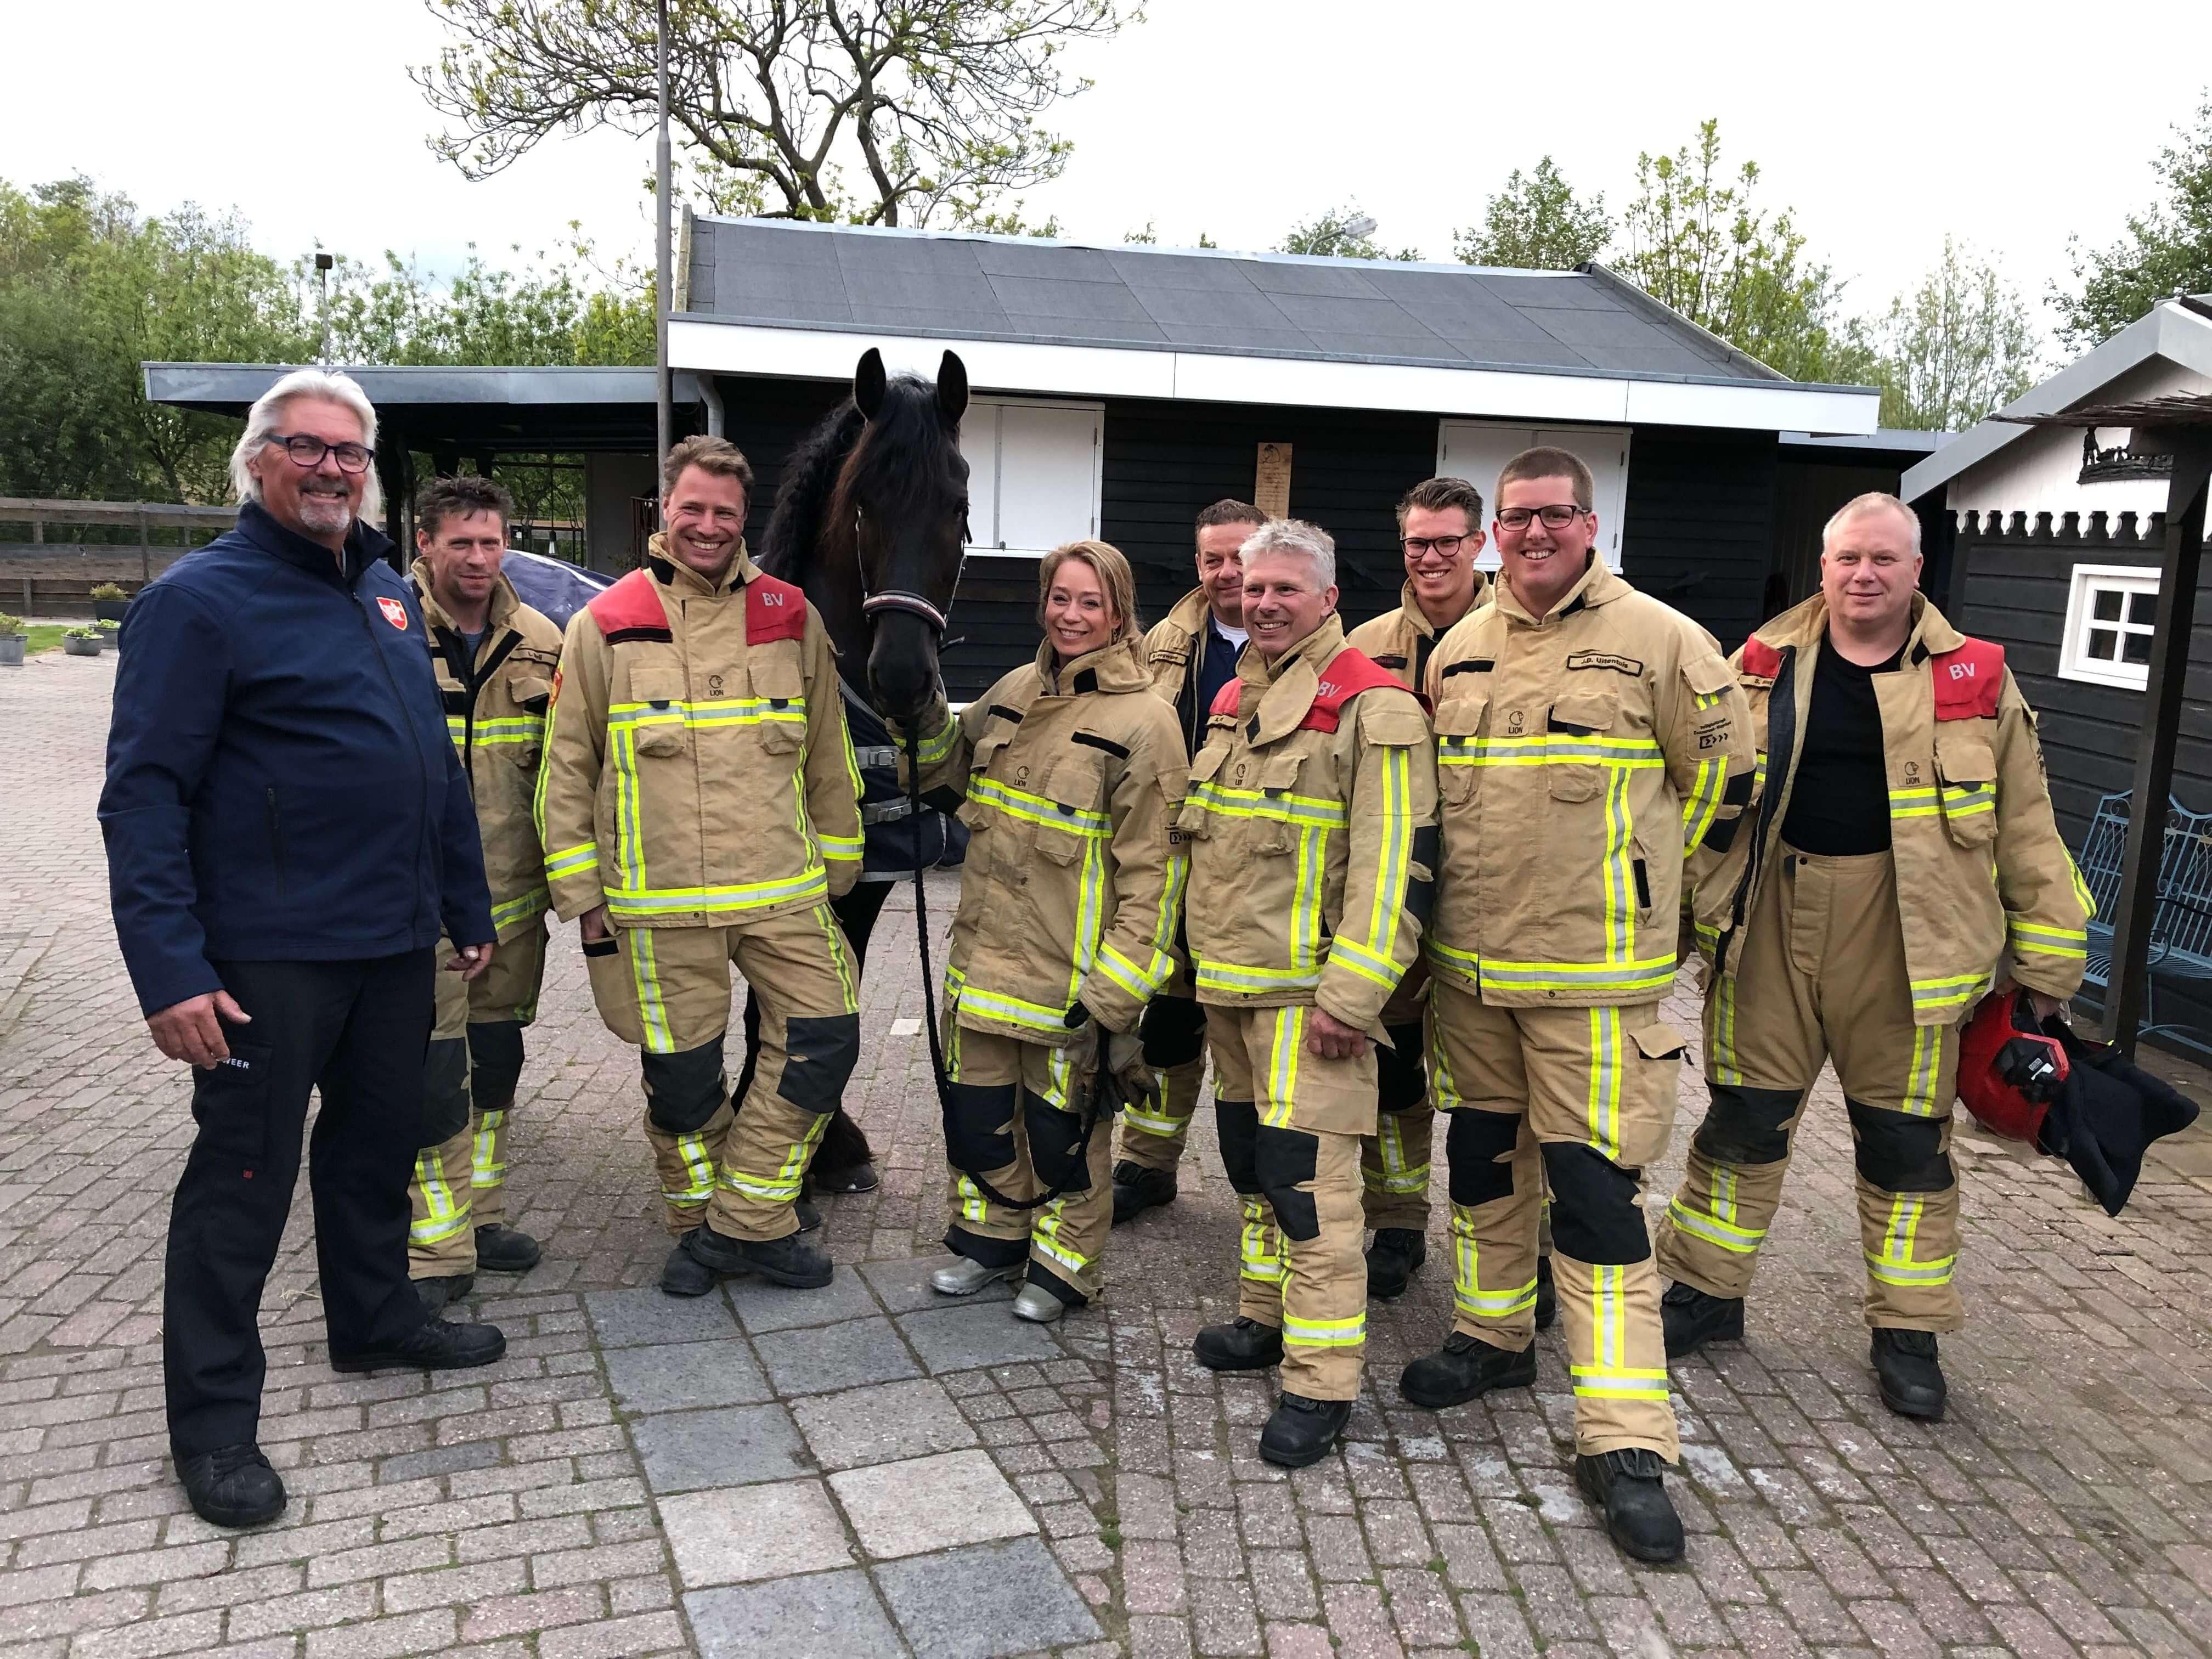 brandweer grote huisdieren